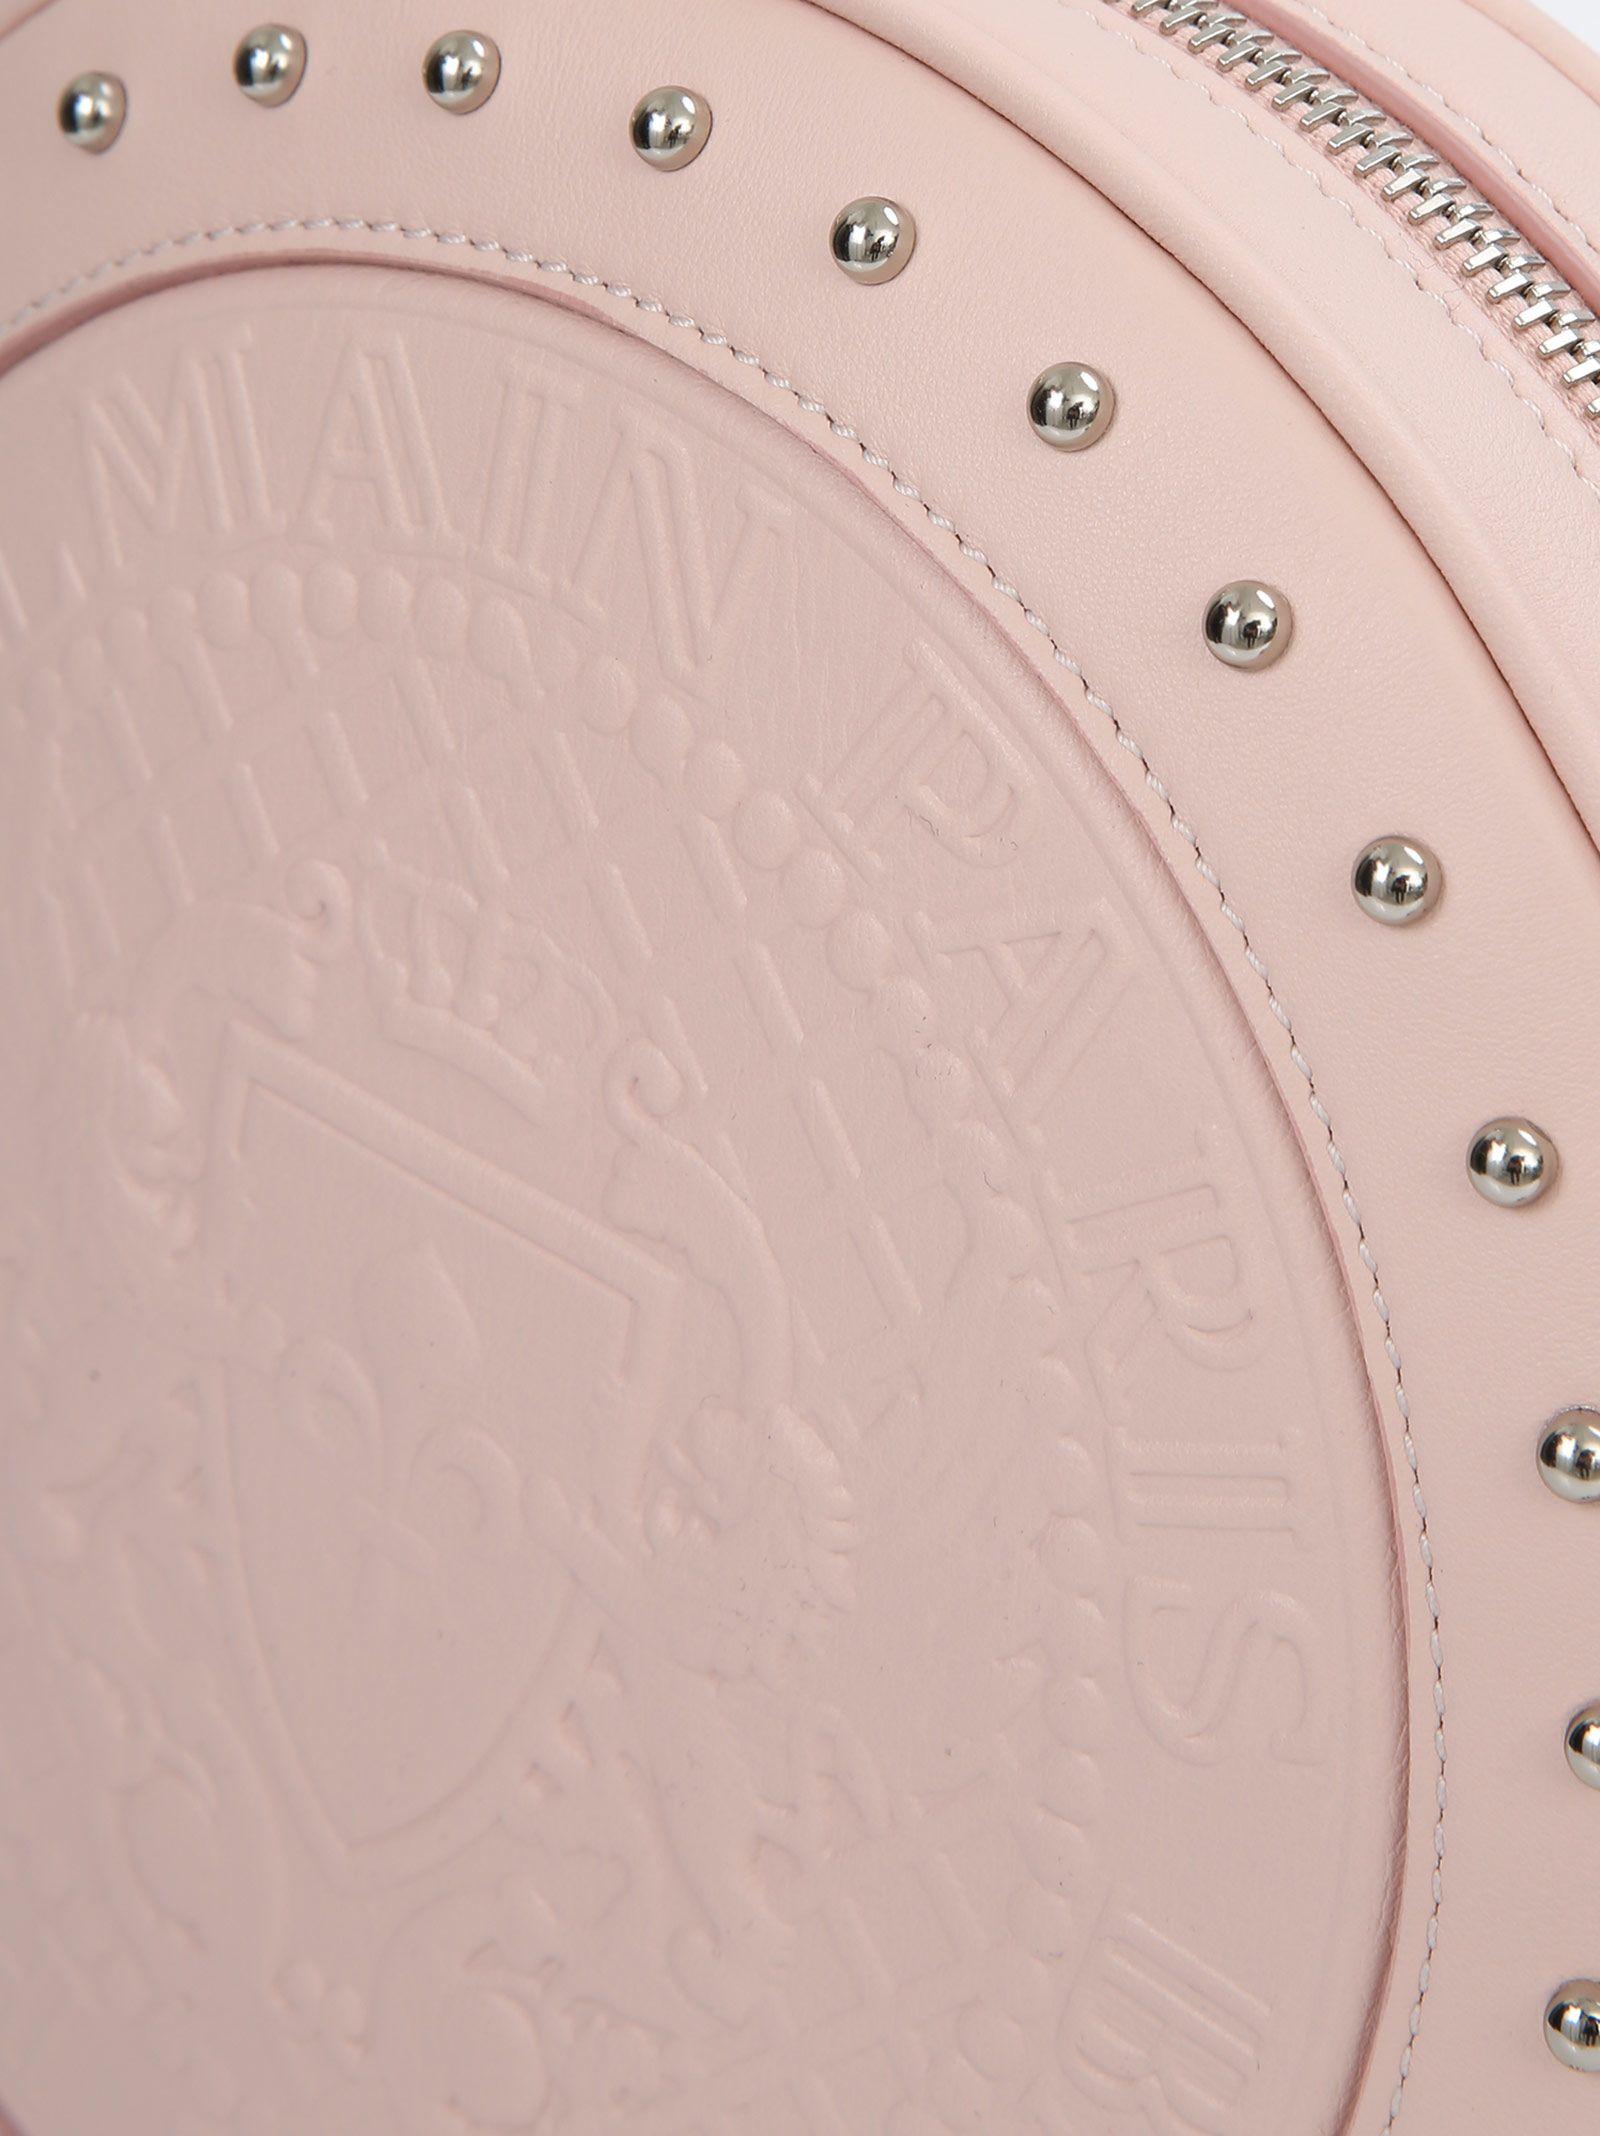 5b6ff11859c Balmain Balmain Paris Shoulder Bag - Pink - 10986461 | italist